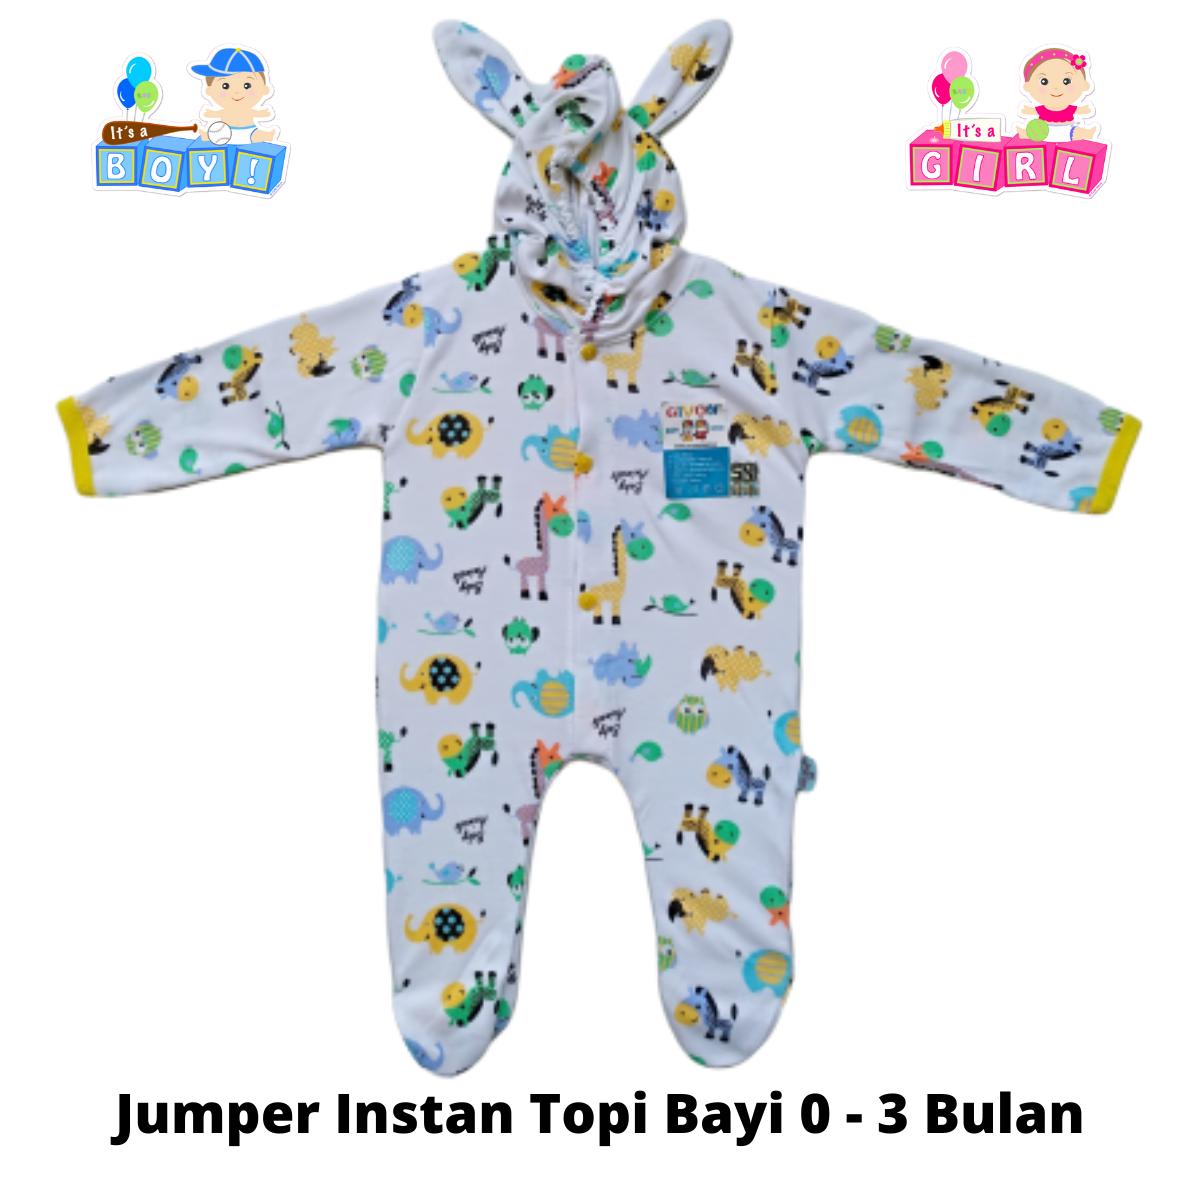 jumper topi bayi newborn  lahir  – baju bayi katun premium original givon baby wear